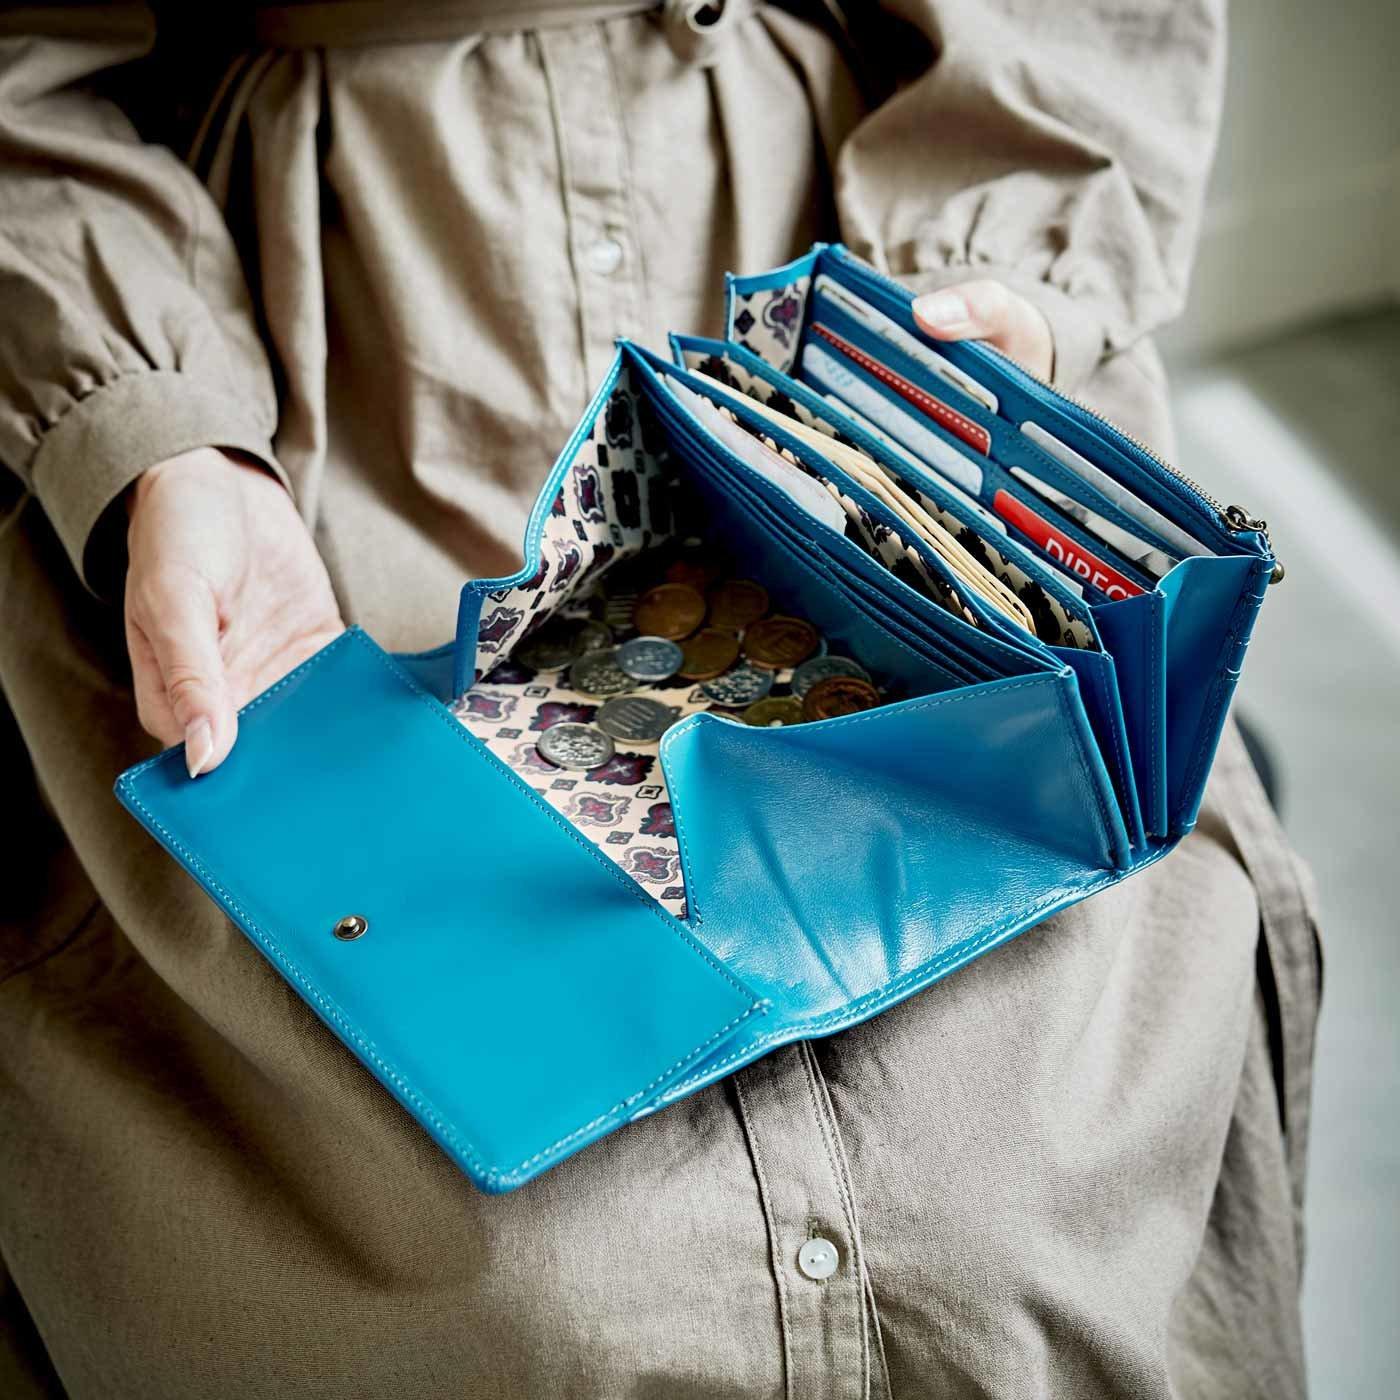 職人仕上げの馬革ギャルソン財布〈ターコイズ色〉[本革 財布:日本製]